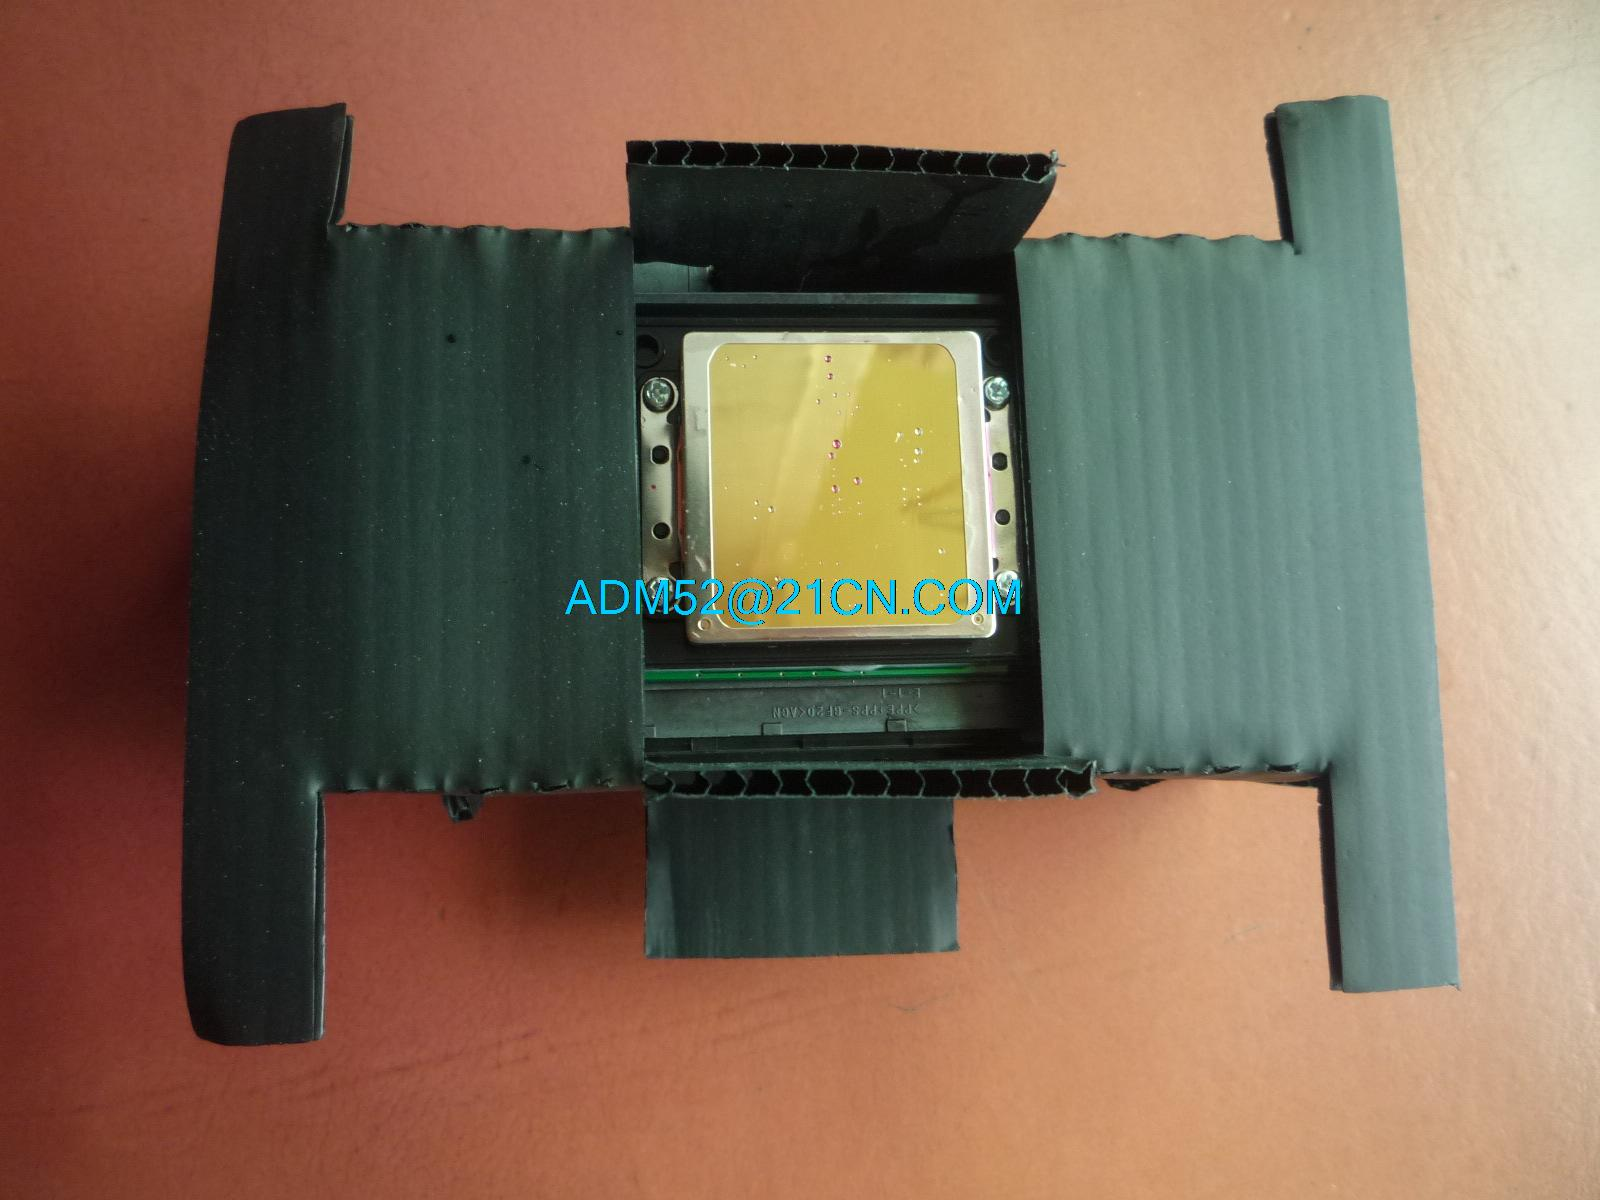 Cabezal de impresión nuevo y original para EPSON XP621 XP625 XP630 XP635 XP510 XP520 XP530 XP55 cabezal de impresión